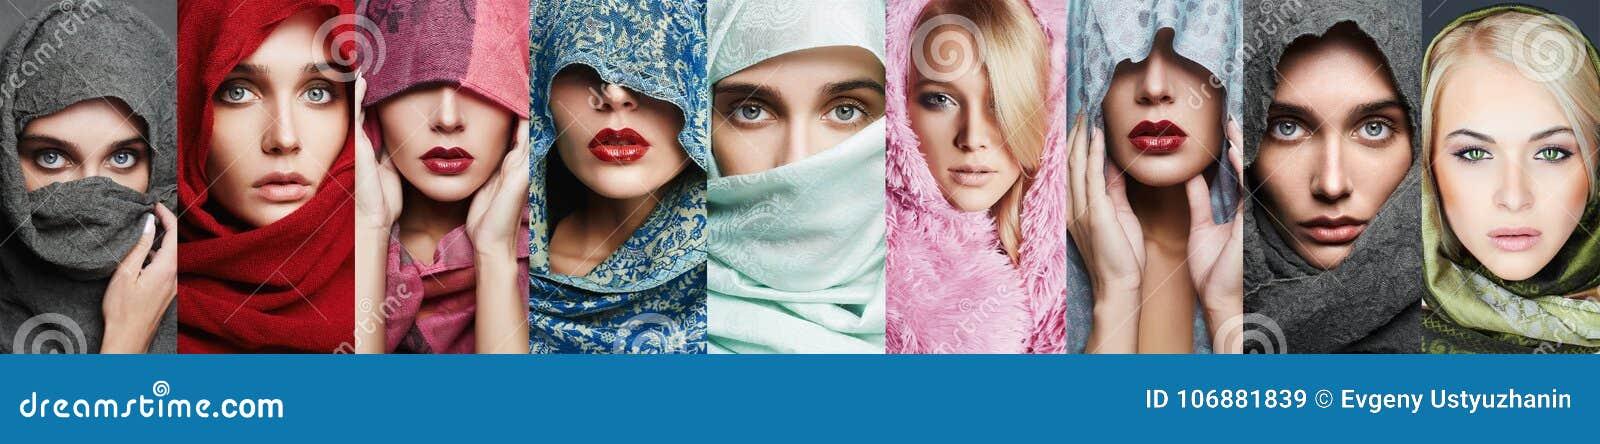 Colagem da beleza de mulheres bonitas